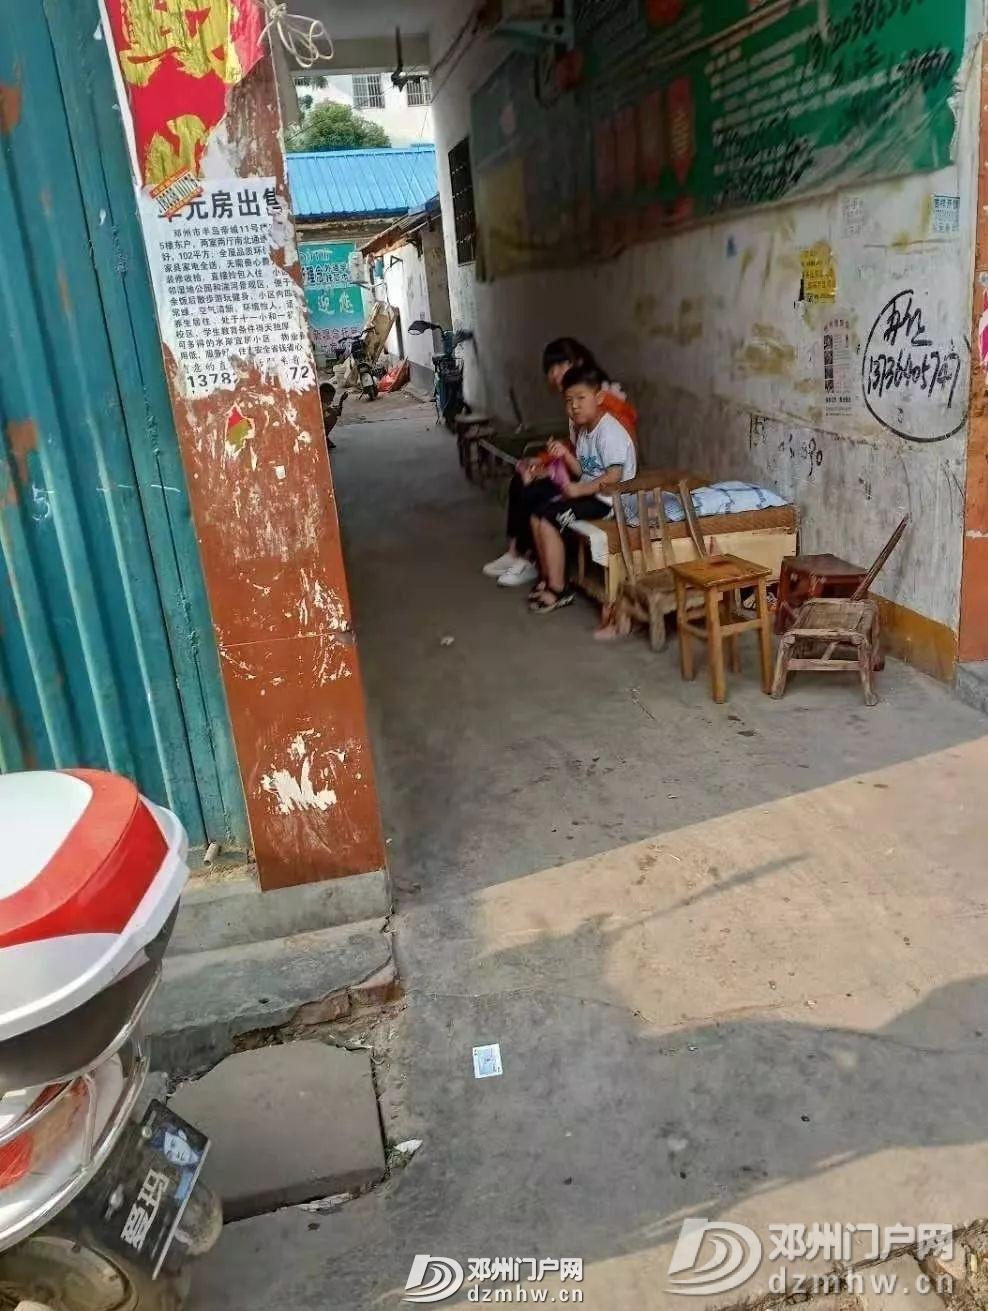 邓州市四小学校门口辅导班生意异常火爆 - 邓州门户网 邓州网 - 1537f7c935b280fbf62cb125901028e5.jpg